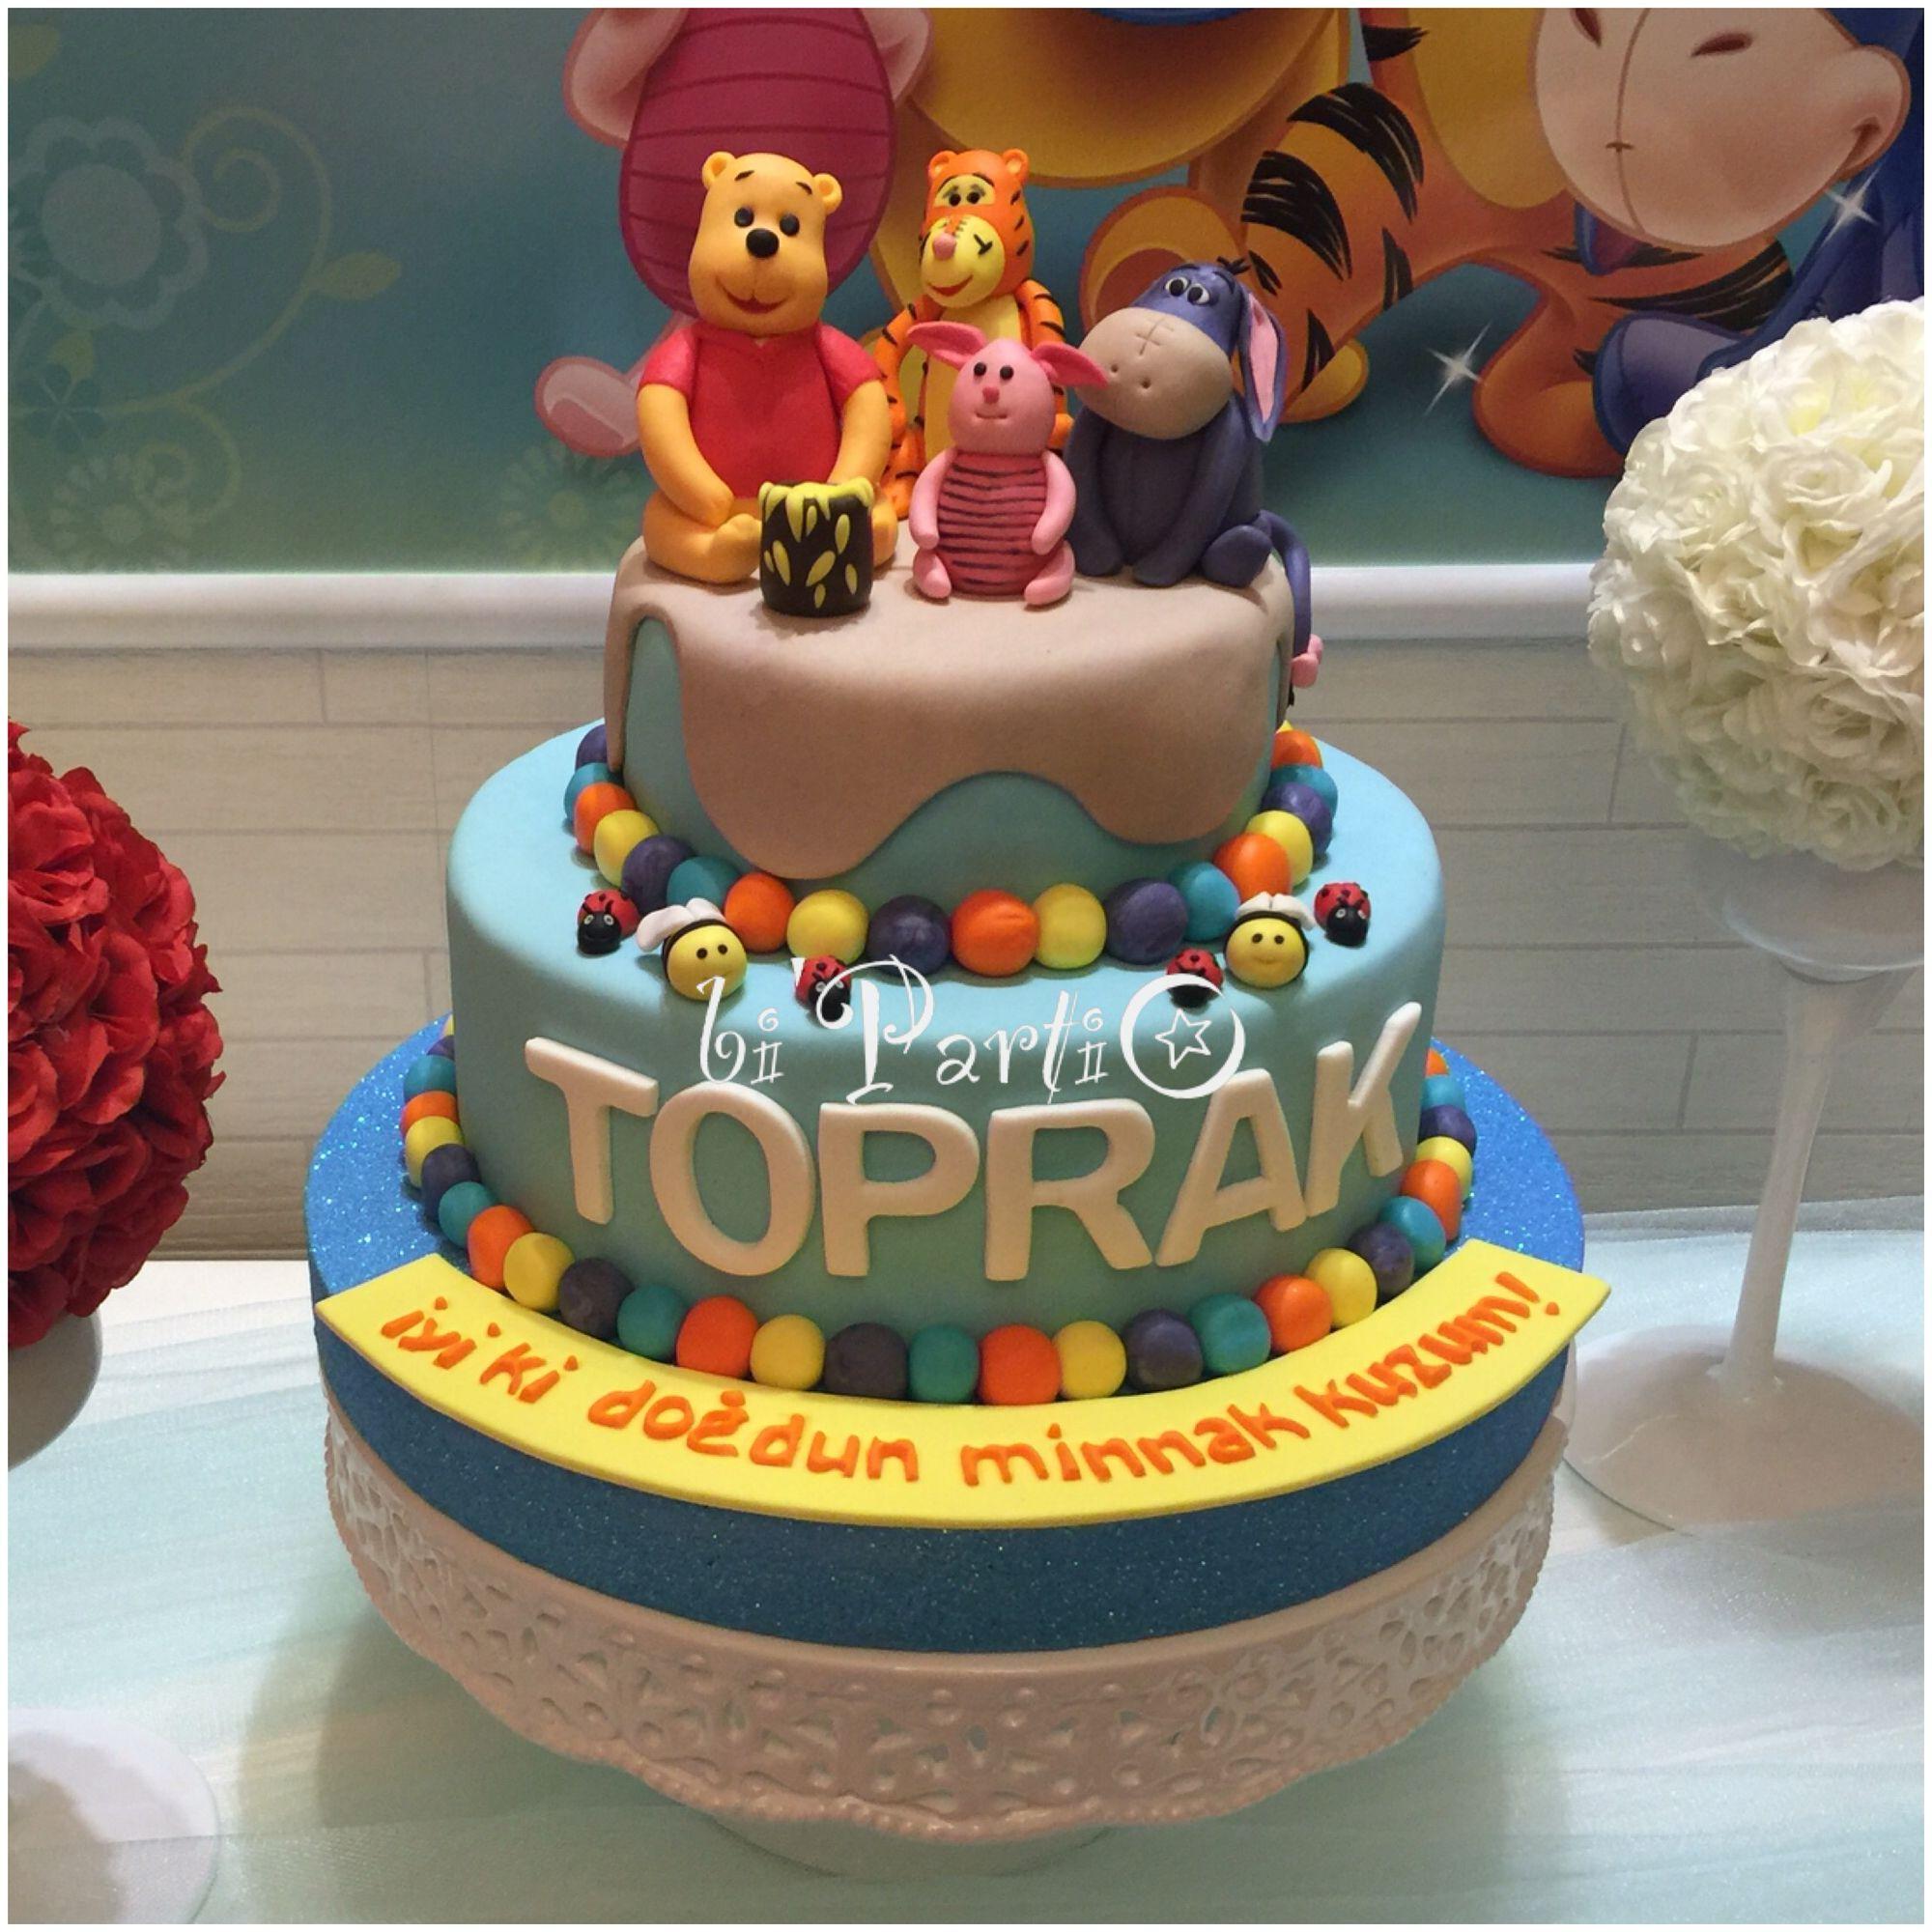 Winnie the pooh cake,Winnie cake, fondant Winnie, first birthday cake.